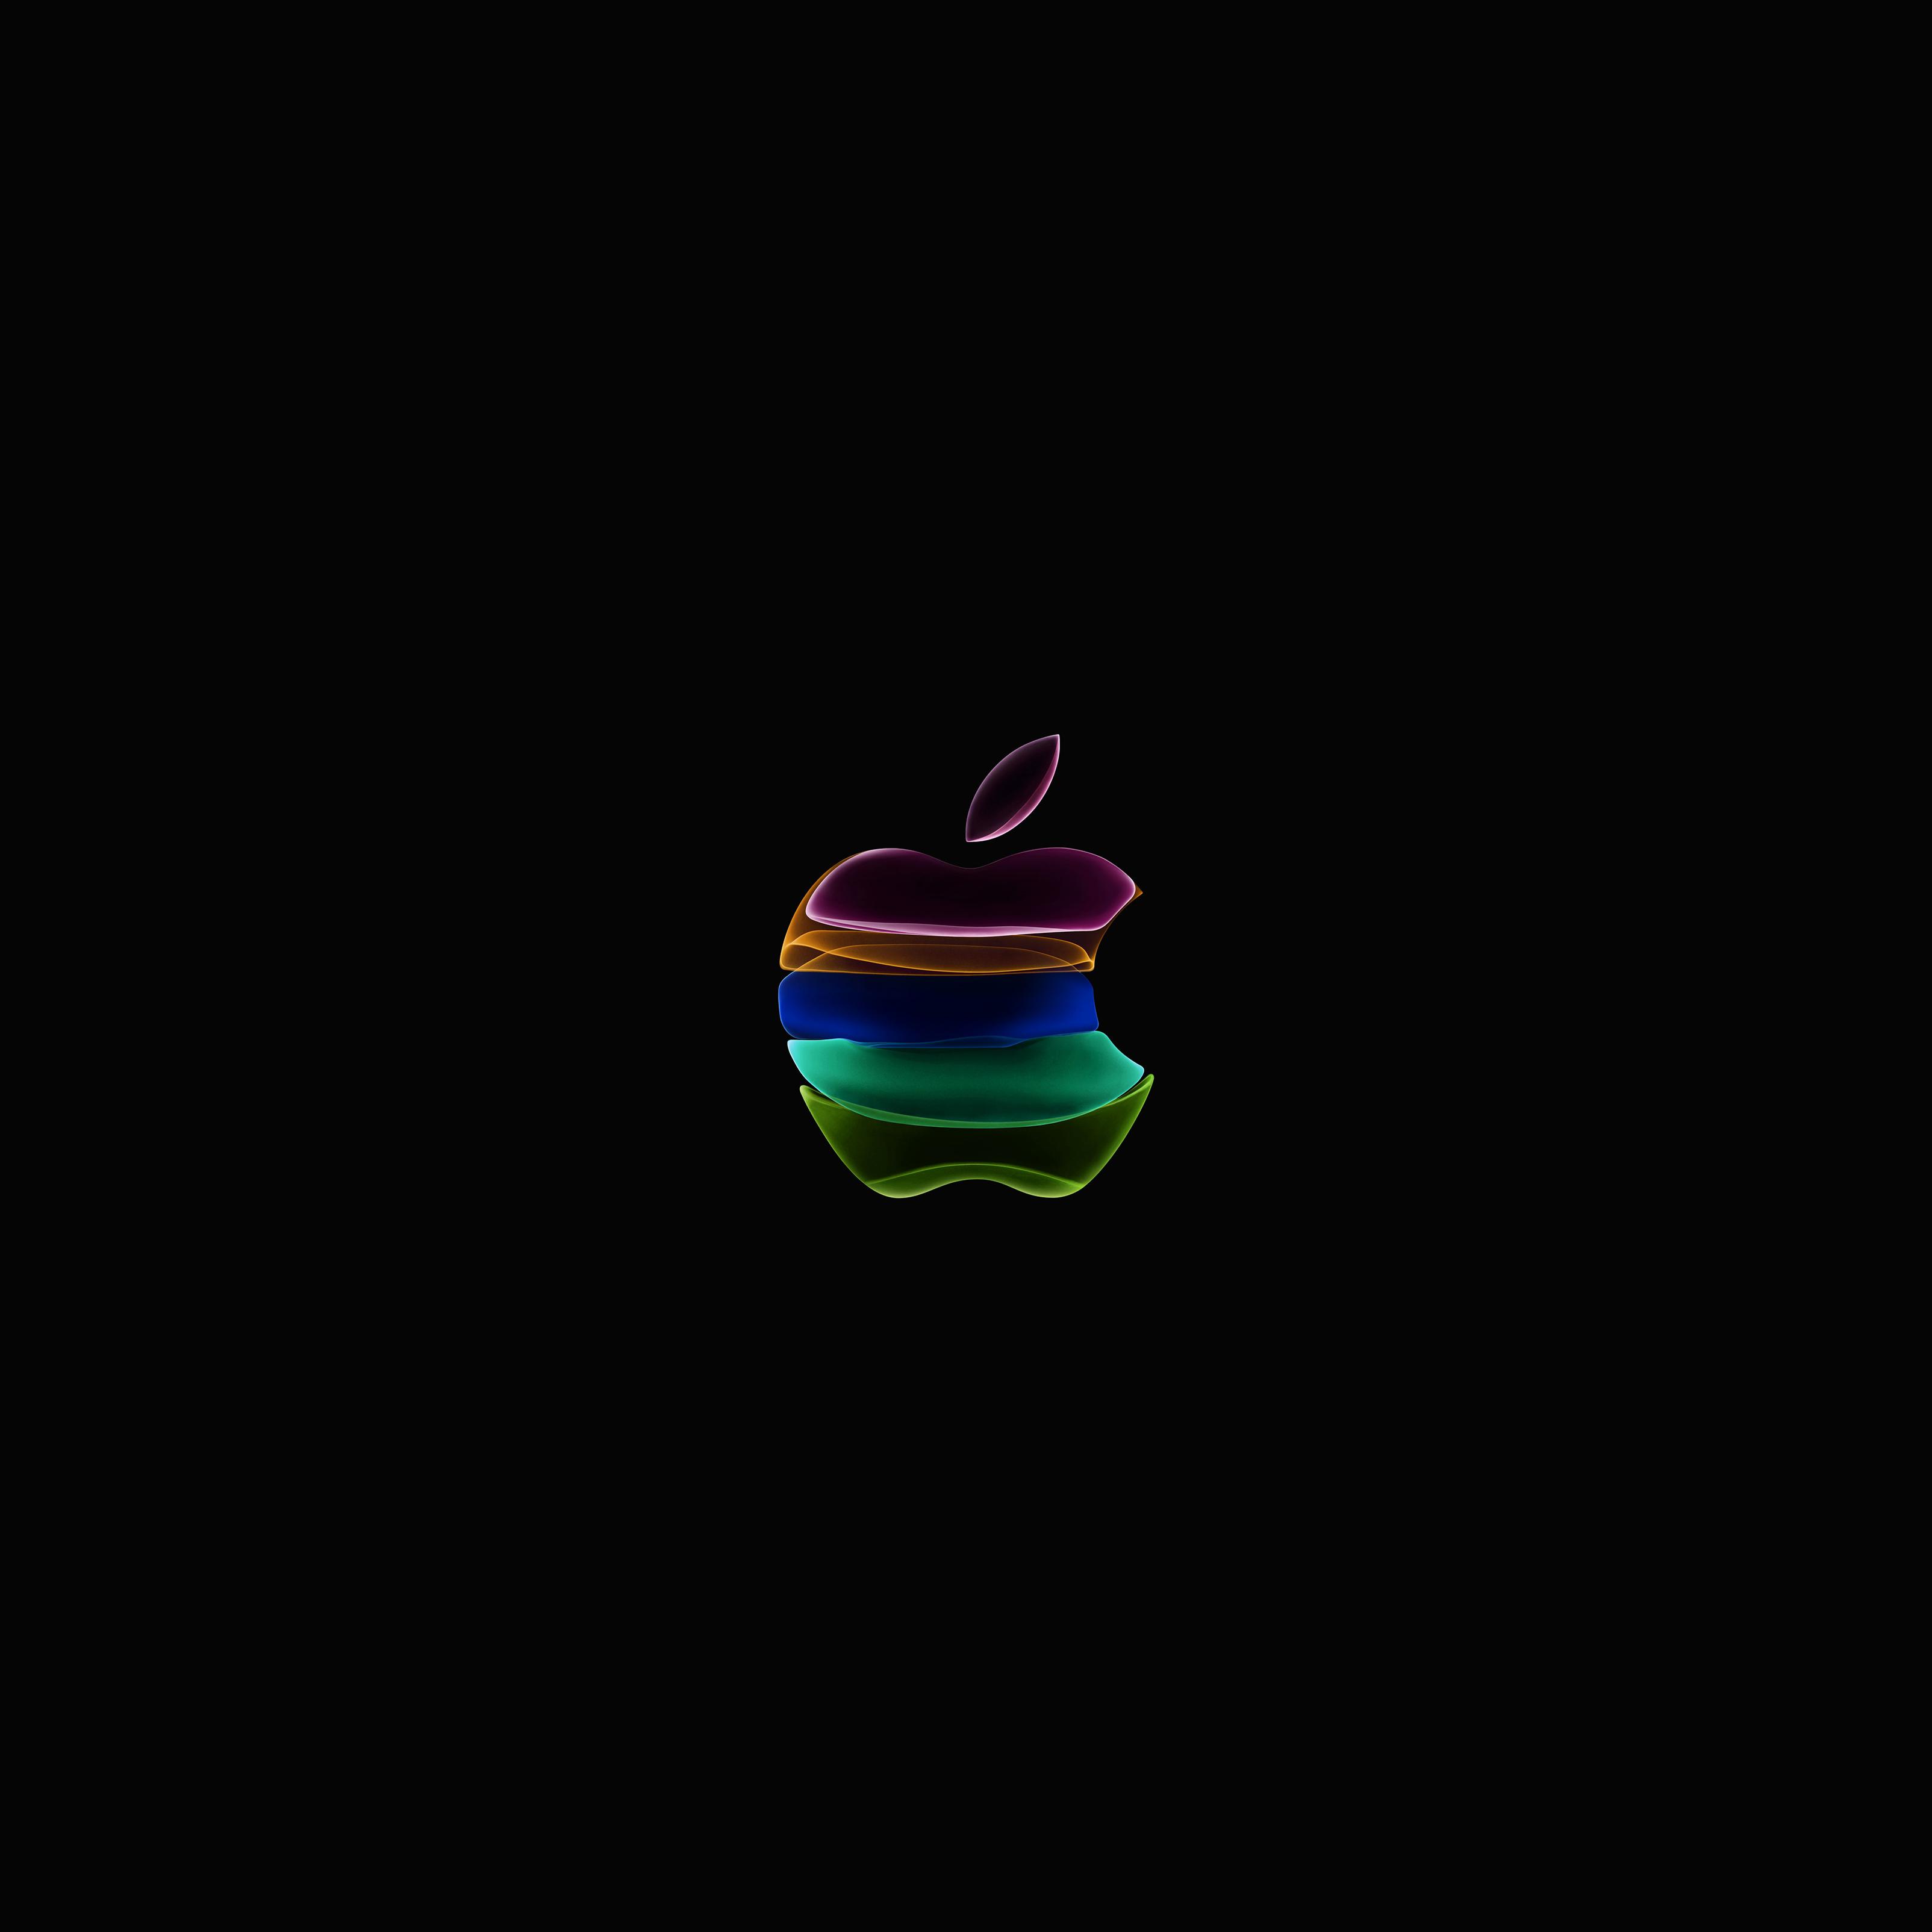 Pin By Matthias Doll On Coole Bilder In 2020 Apple Logo Wallpaper Iphone Apple Logo Wallpaper Iphone Wallpaper